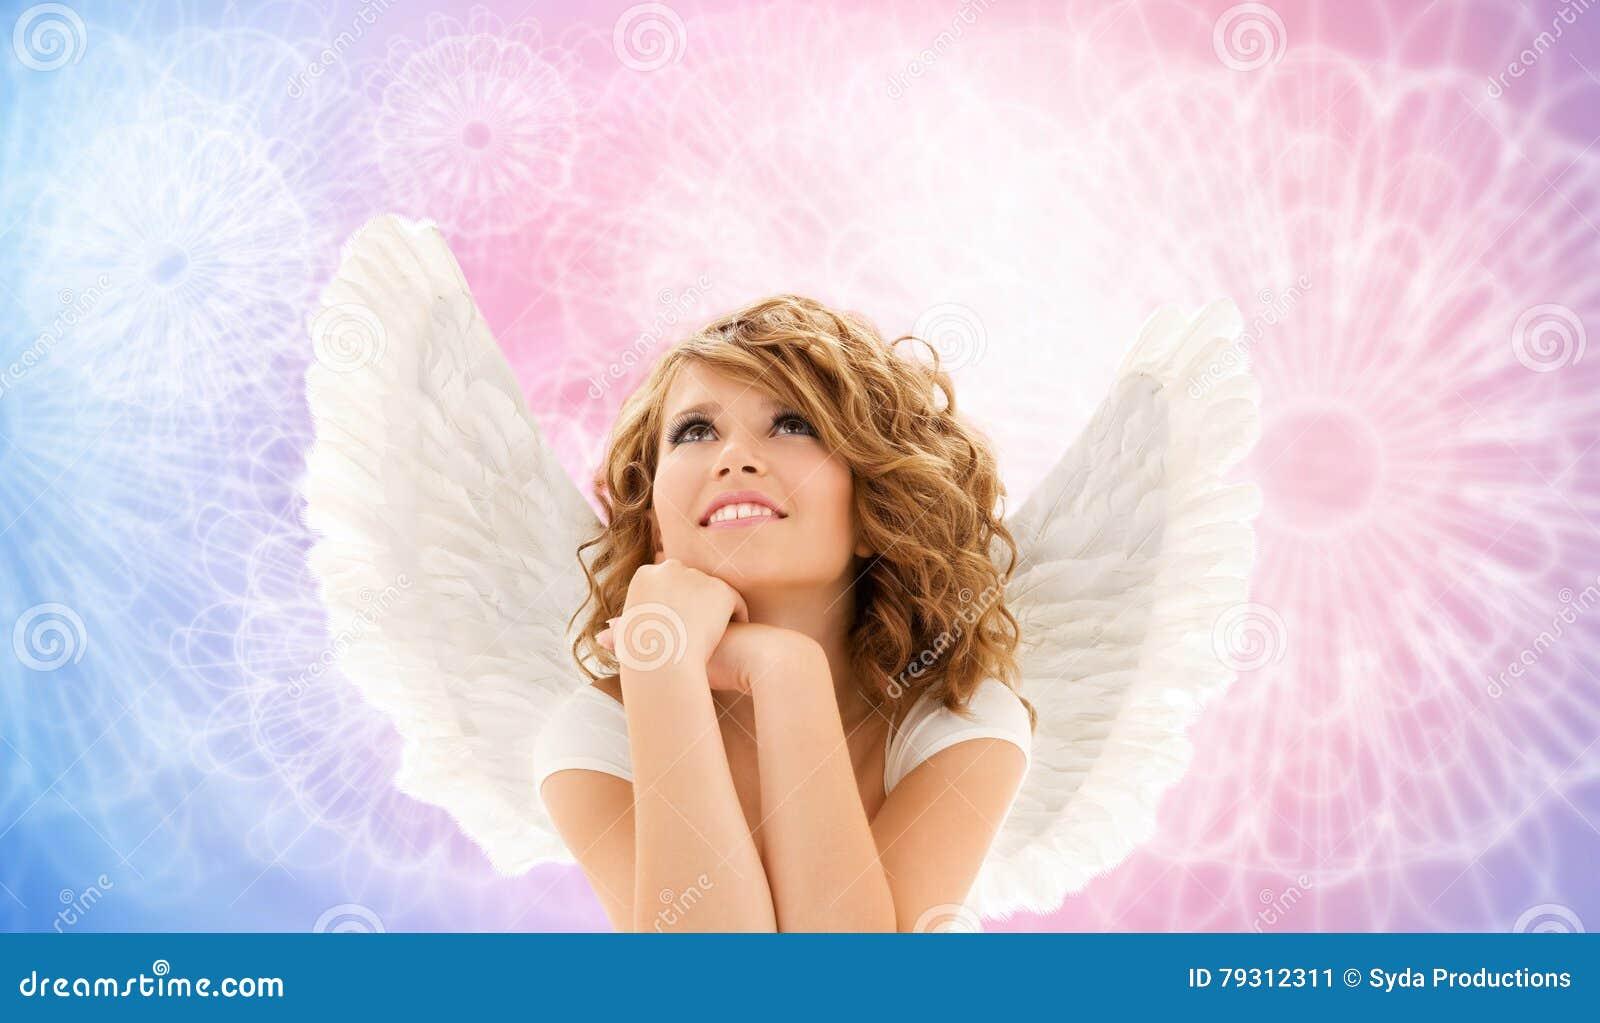 La mujer joven feliz o la muchacha adolescente con ángel se va volando